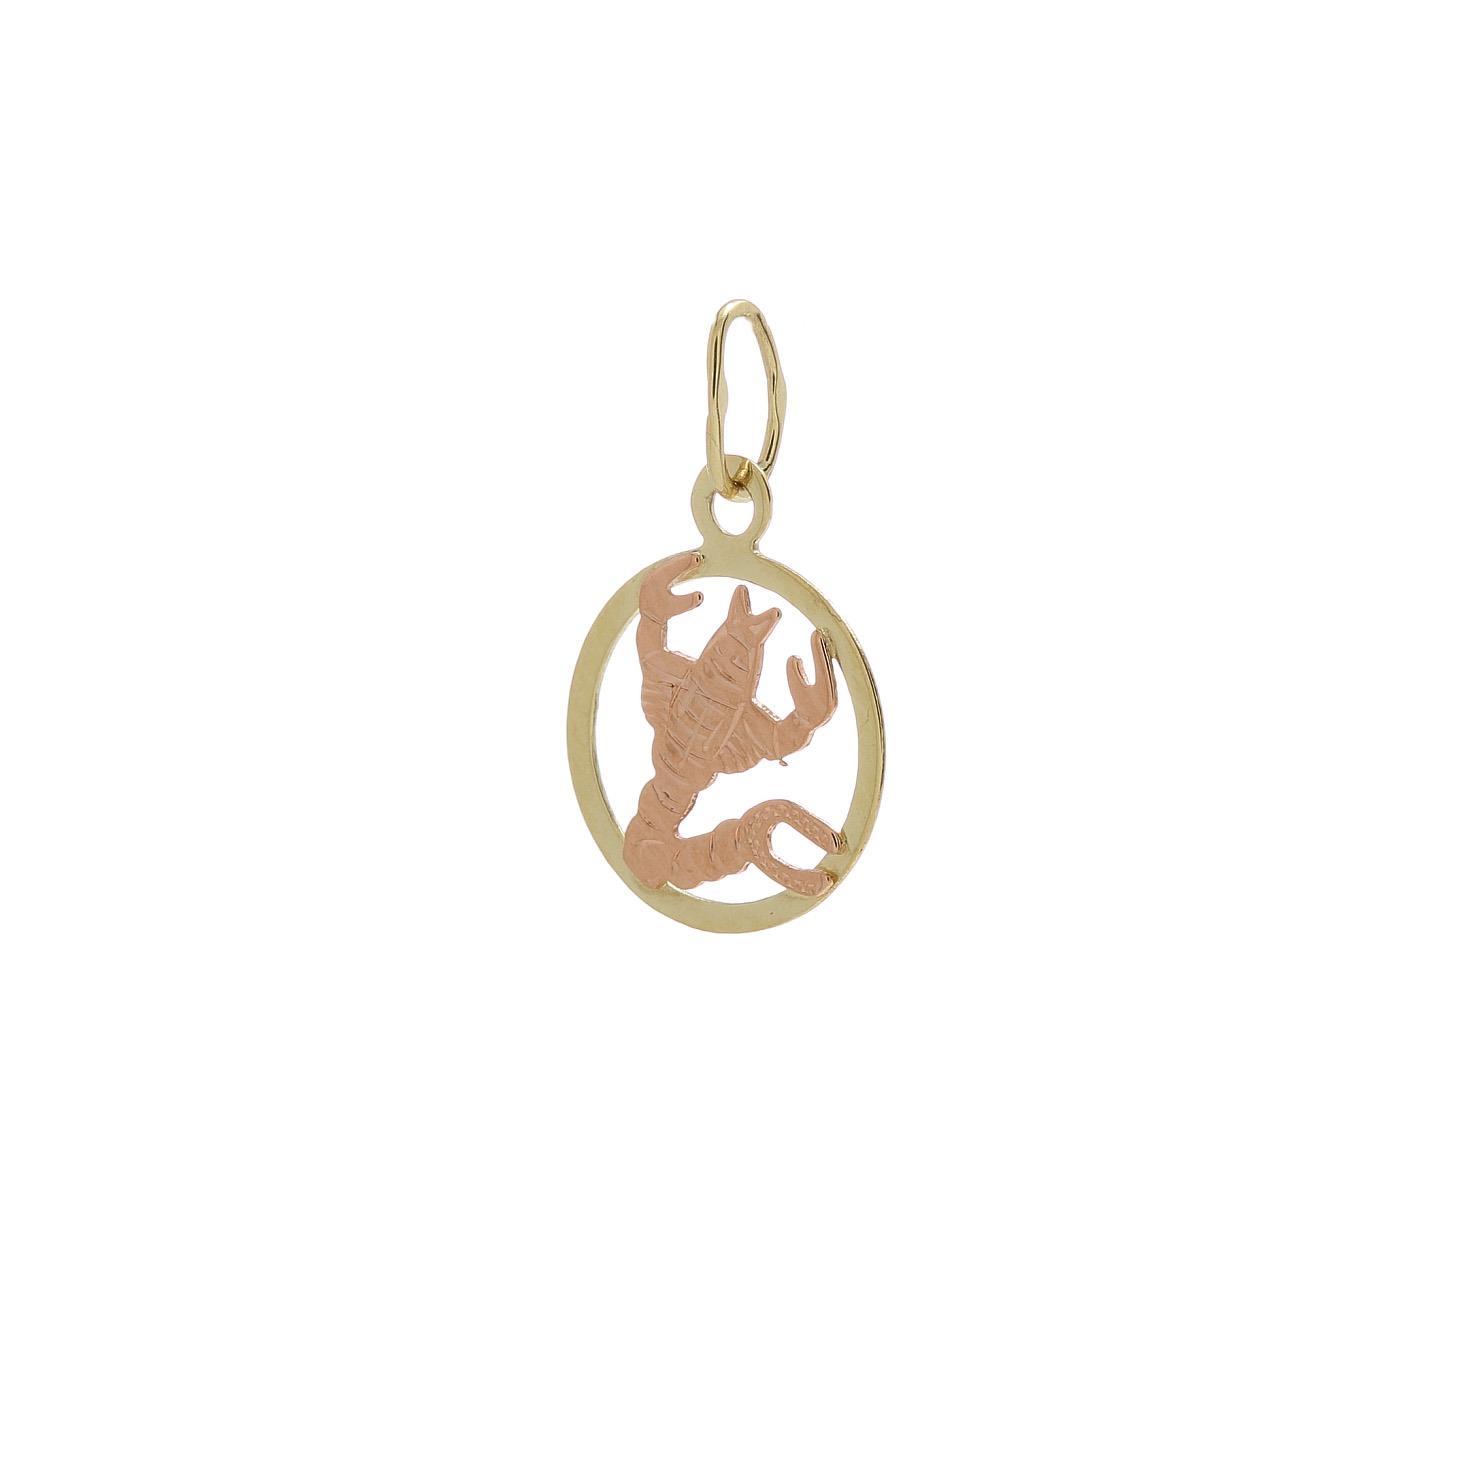 Zlatý prívesok znamenie škorpión 2VK00129